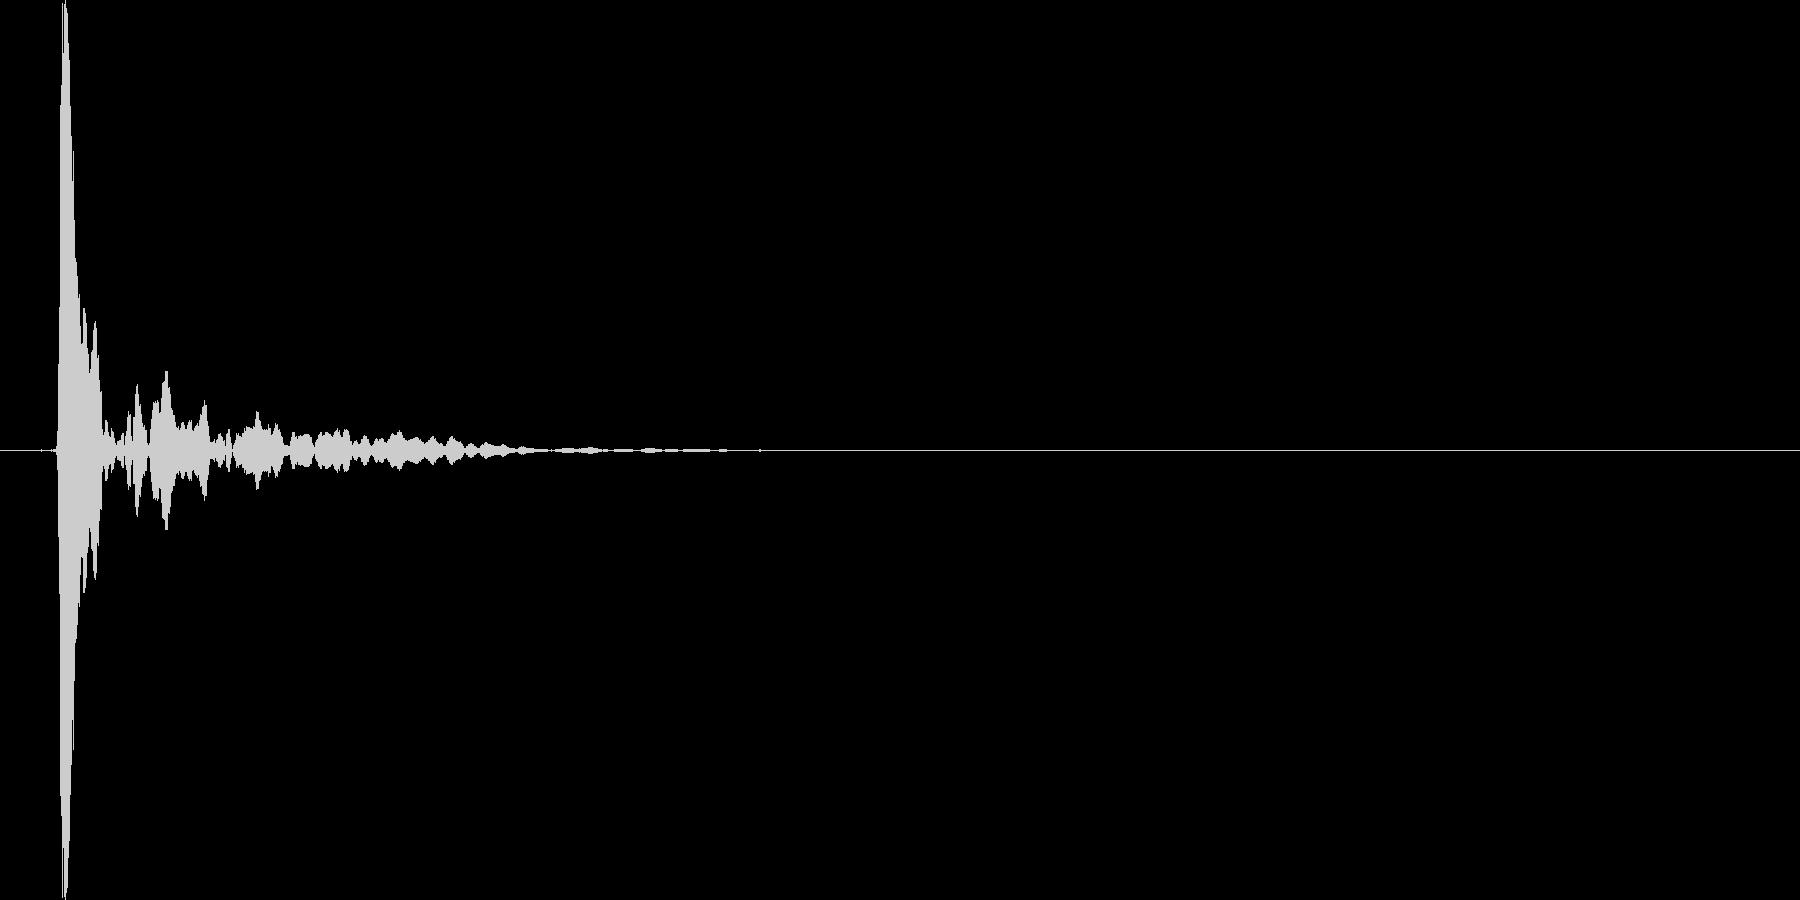 ポン(ポップアップやテロップ等の効果音)の未再生の波形